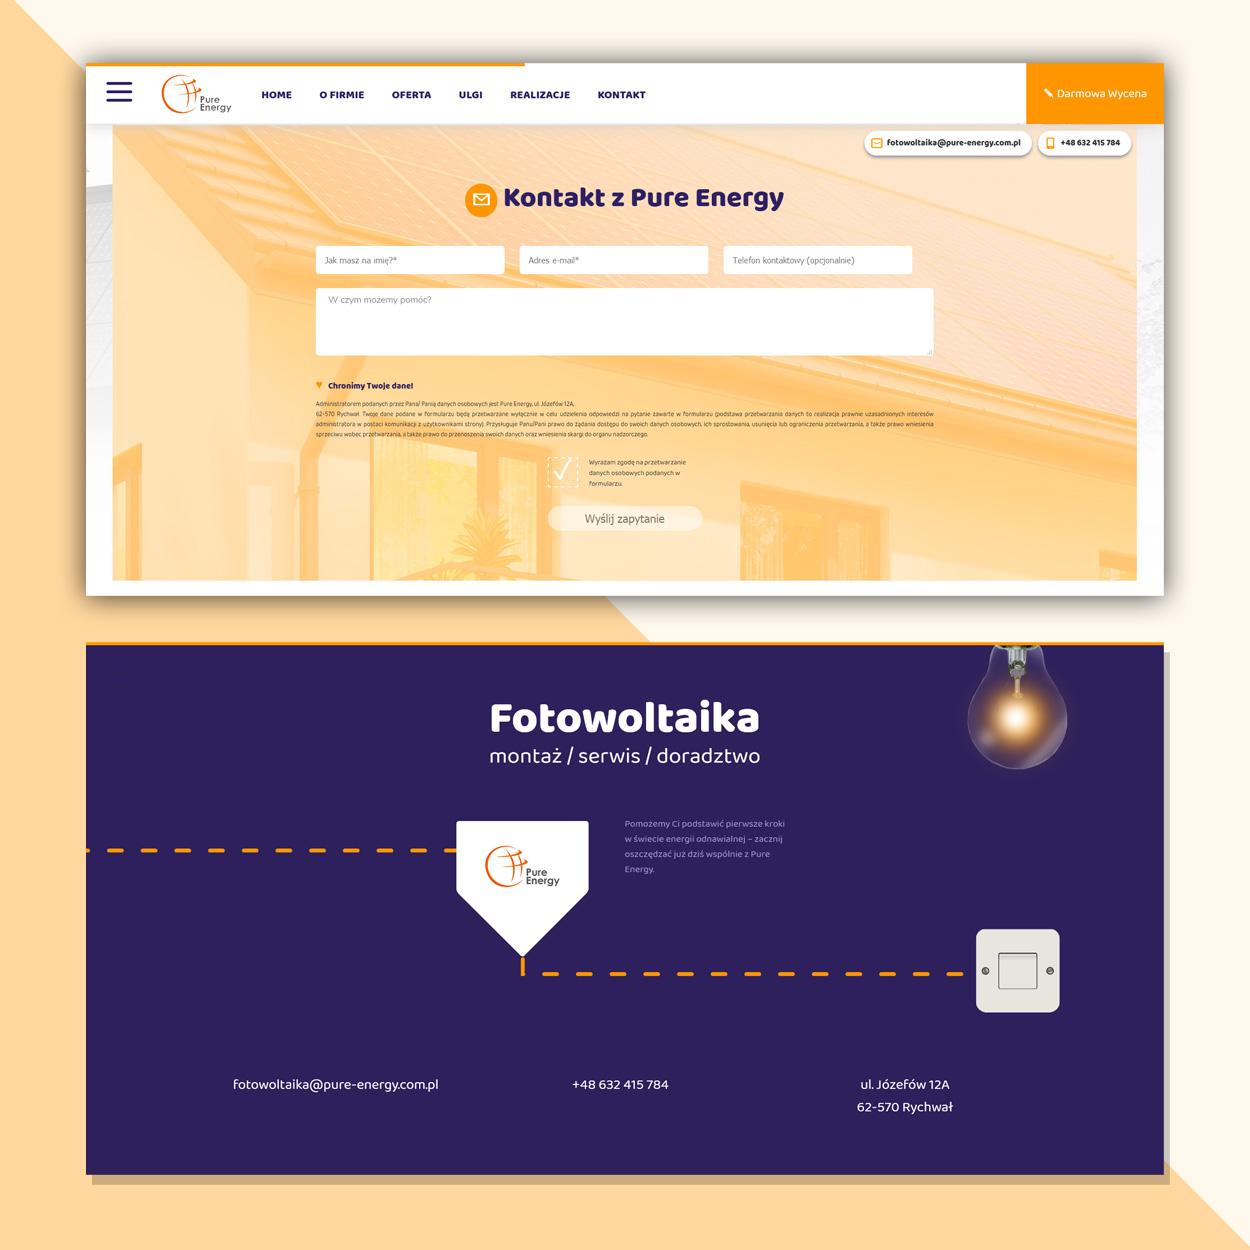 projektowanie strona www dla firmy fotowoltaika pv pure energy 4 - Strona internetowa dla firmy fotowoltaika / OZE - Pure Energy